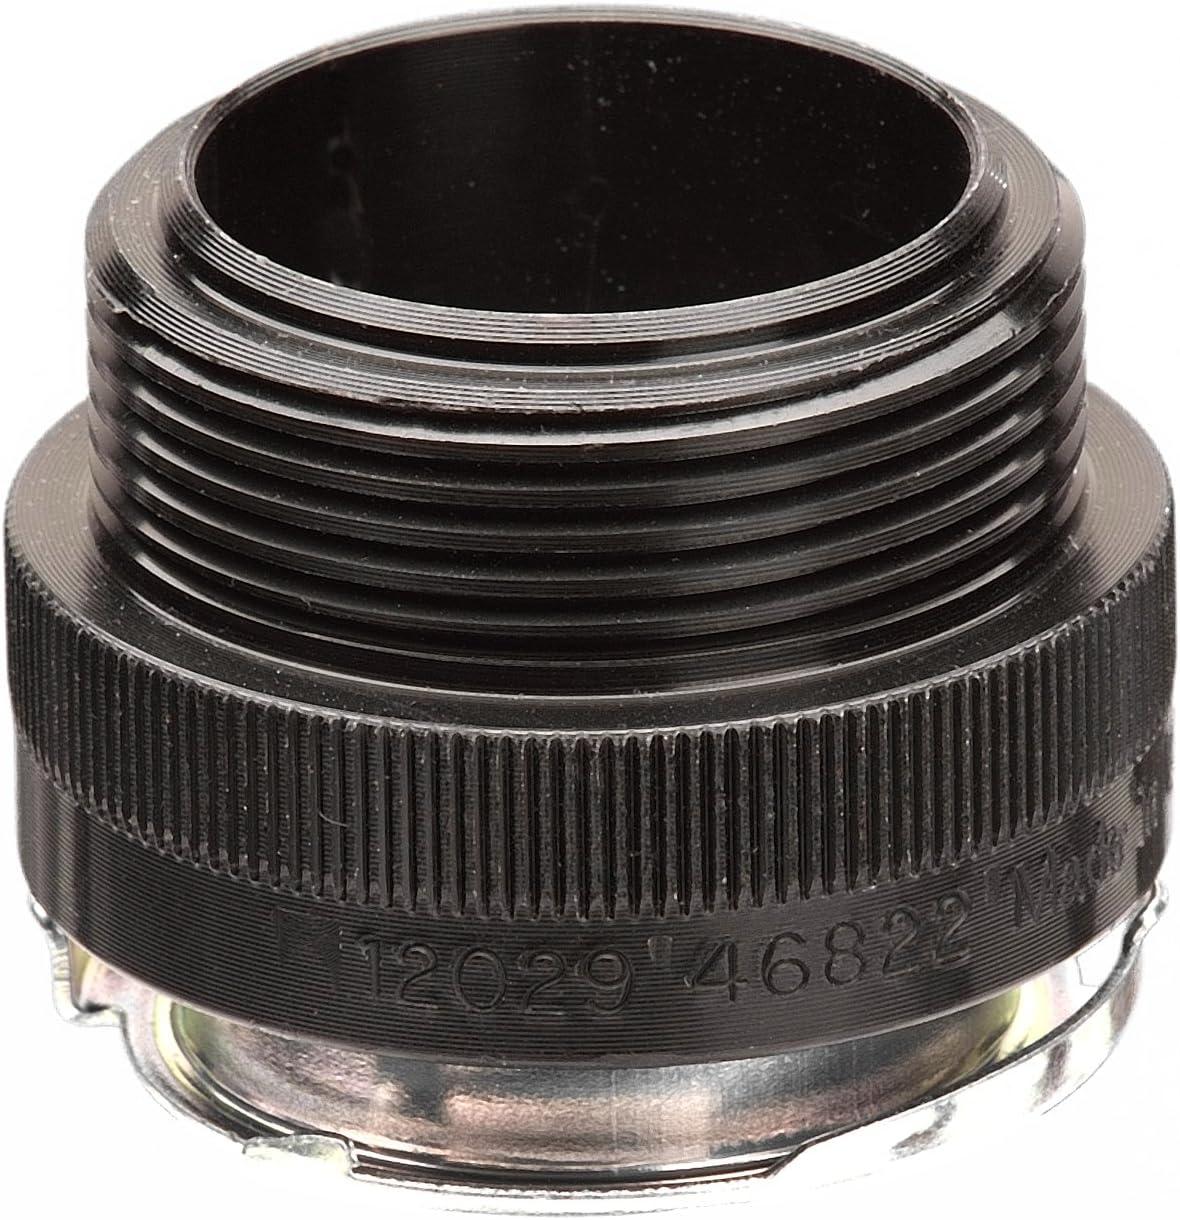 Radiator Cap Adapter  Stant  12033